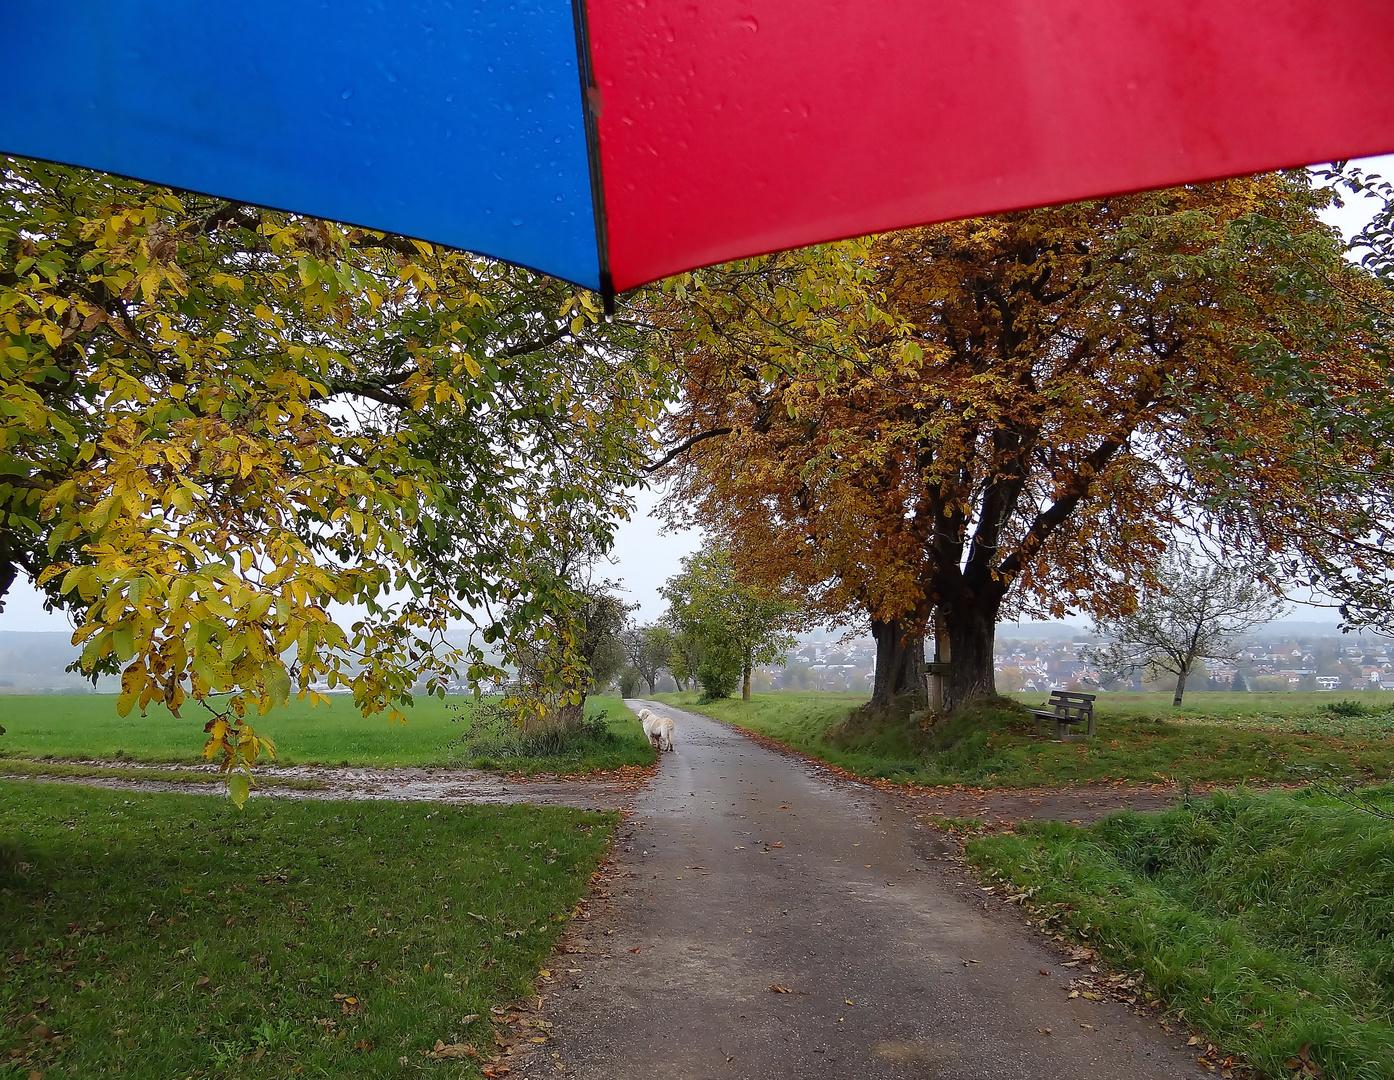 Oktobersonntag unterm Schirm